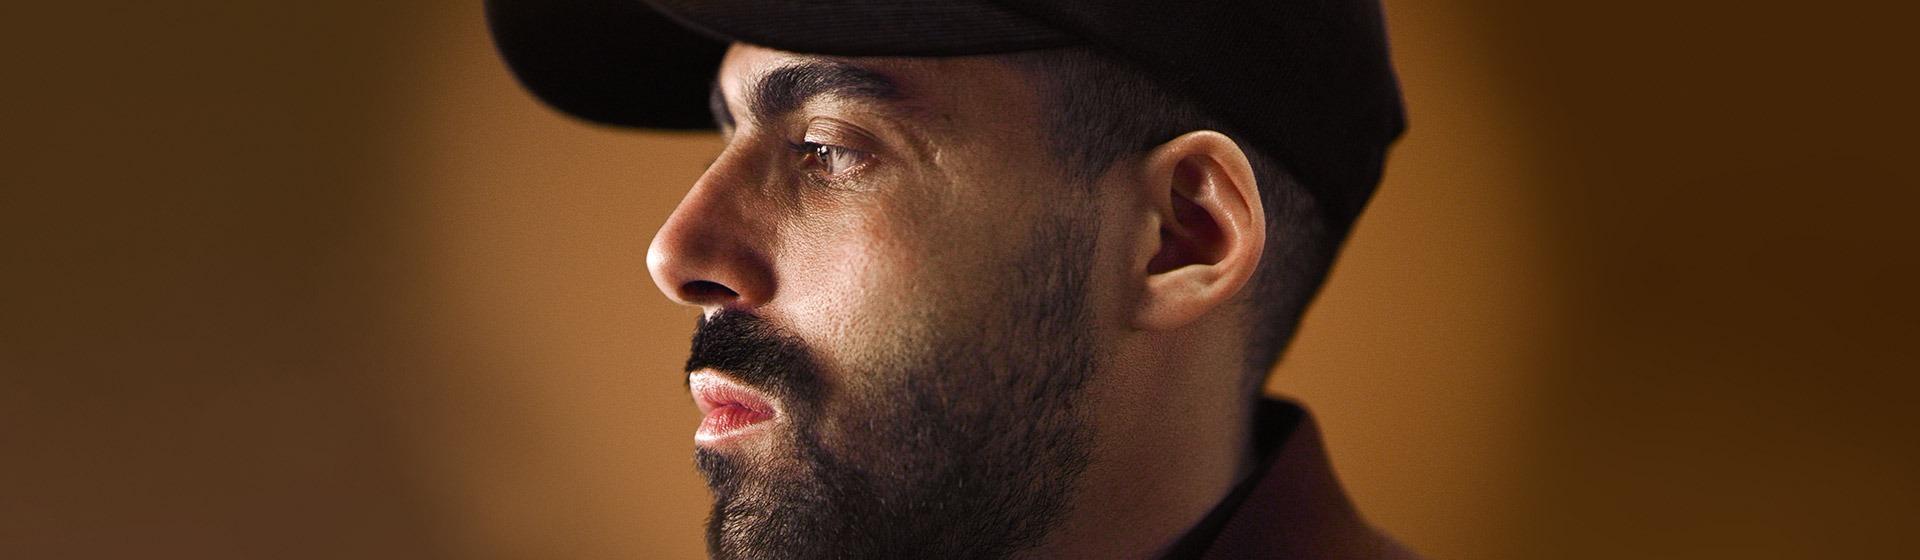 Adib Alkhalidey